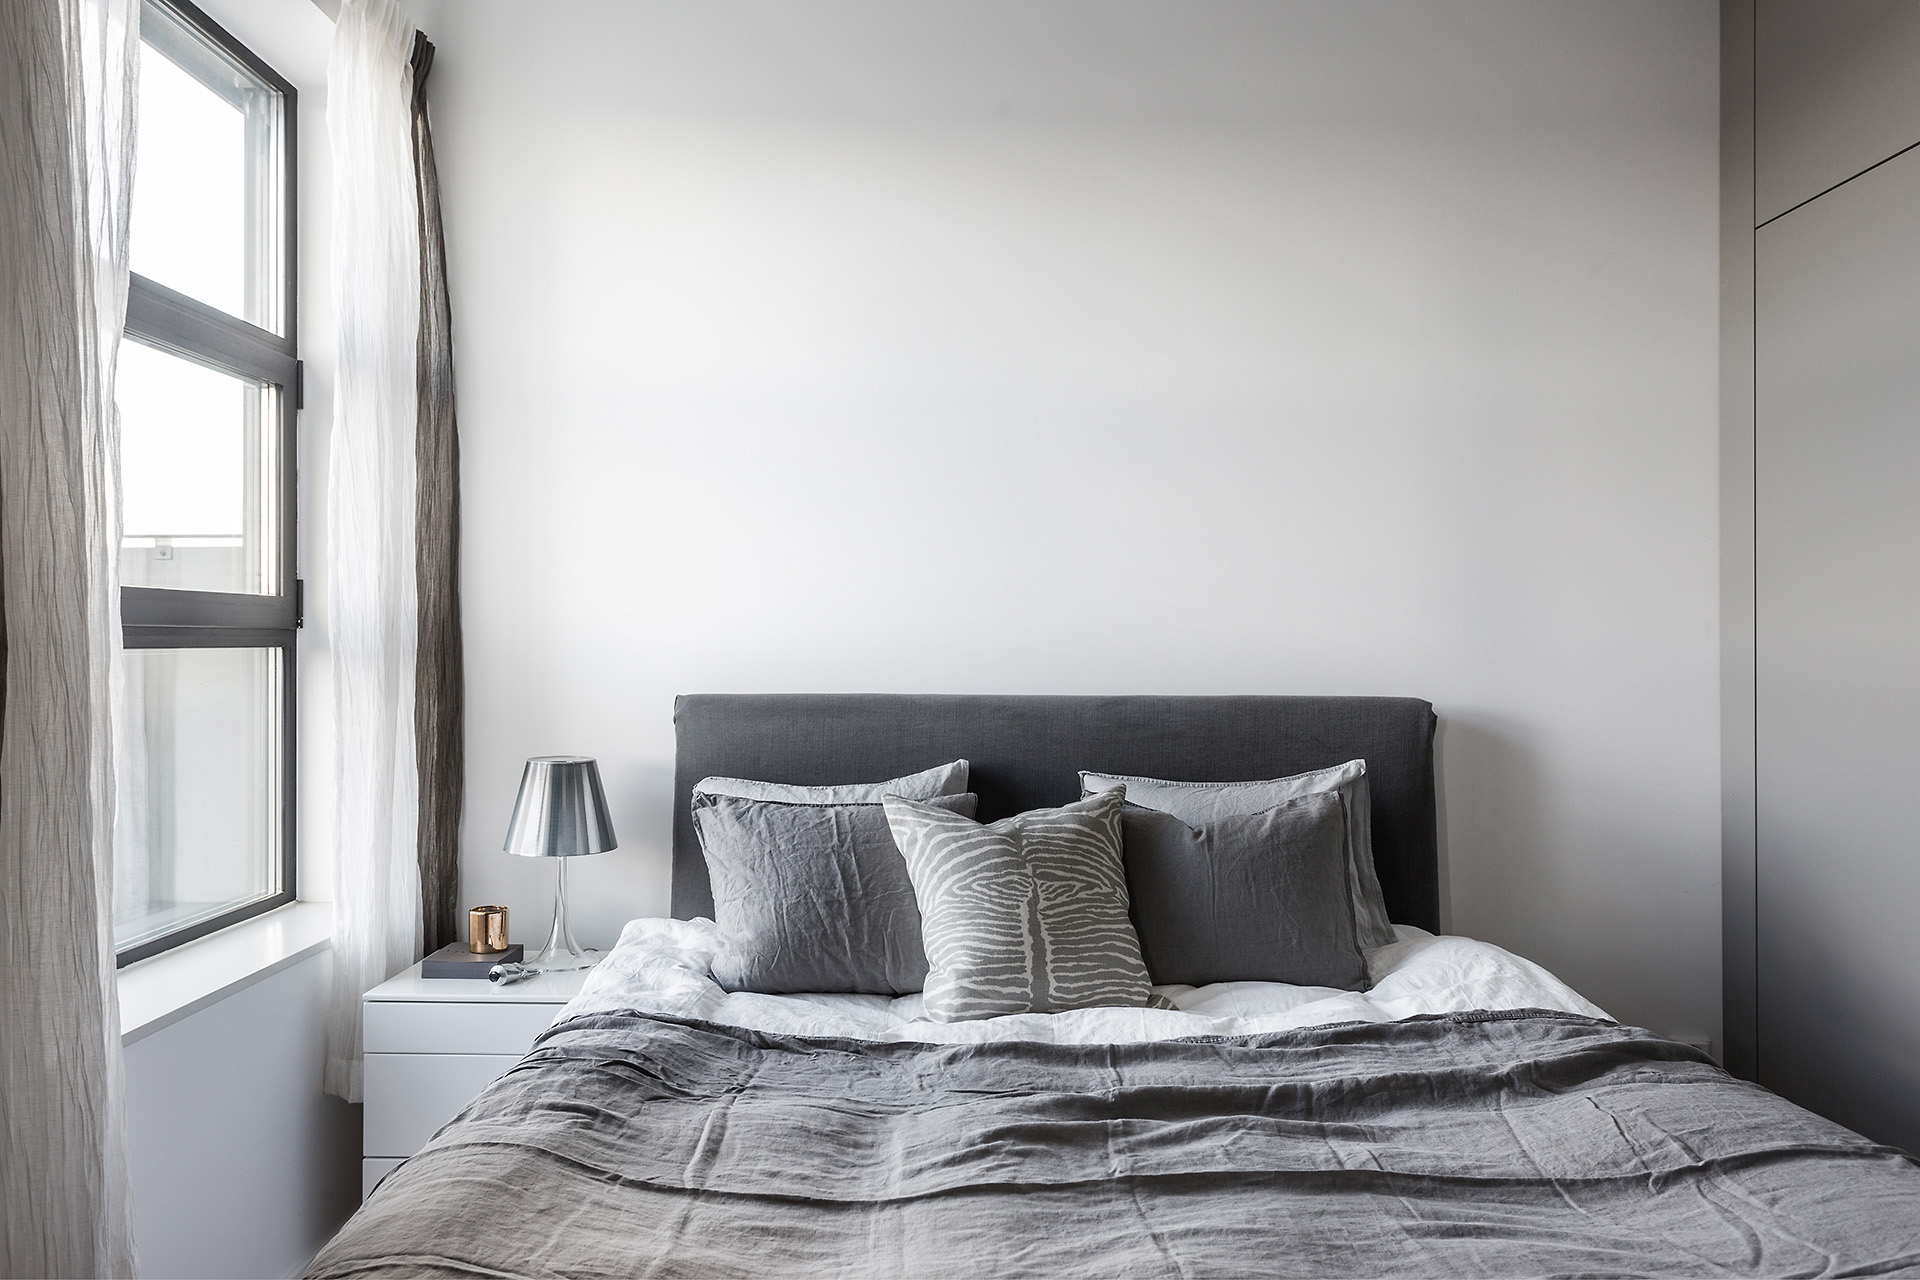 Ideeen slaapkamer. fabulous kleine slaapkamer ideeen inspirerend